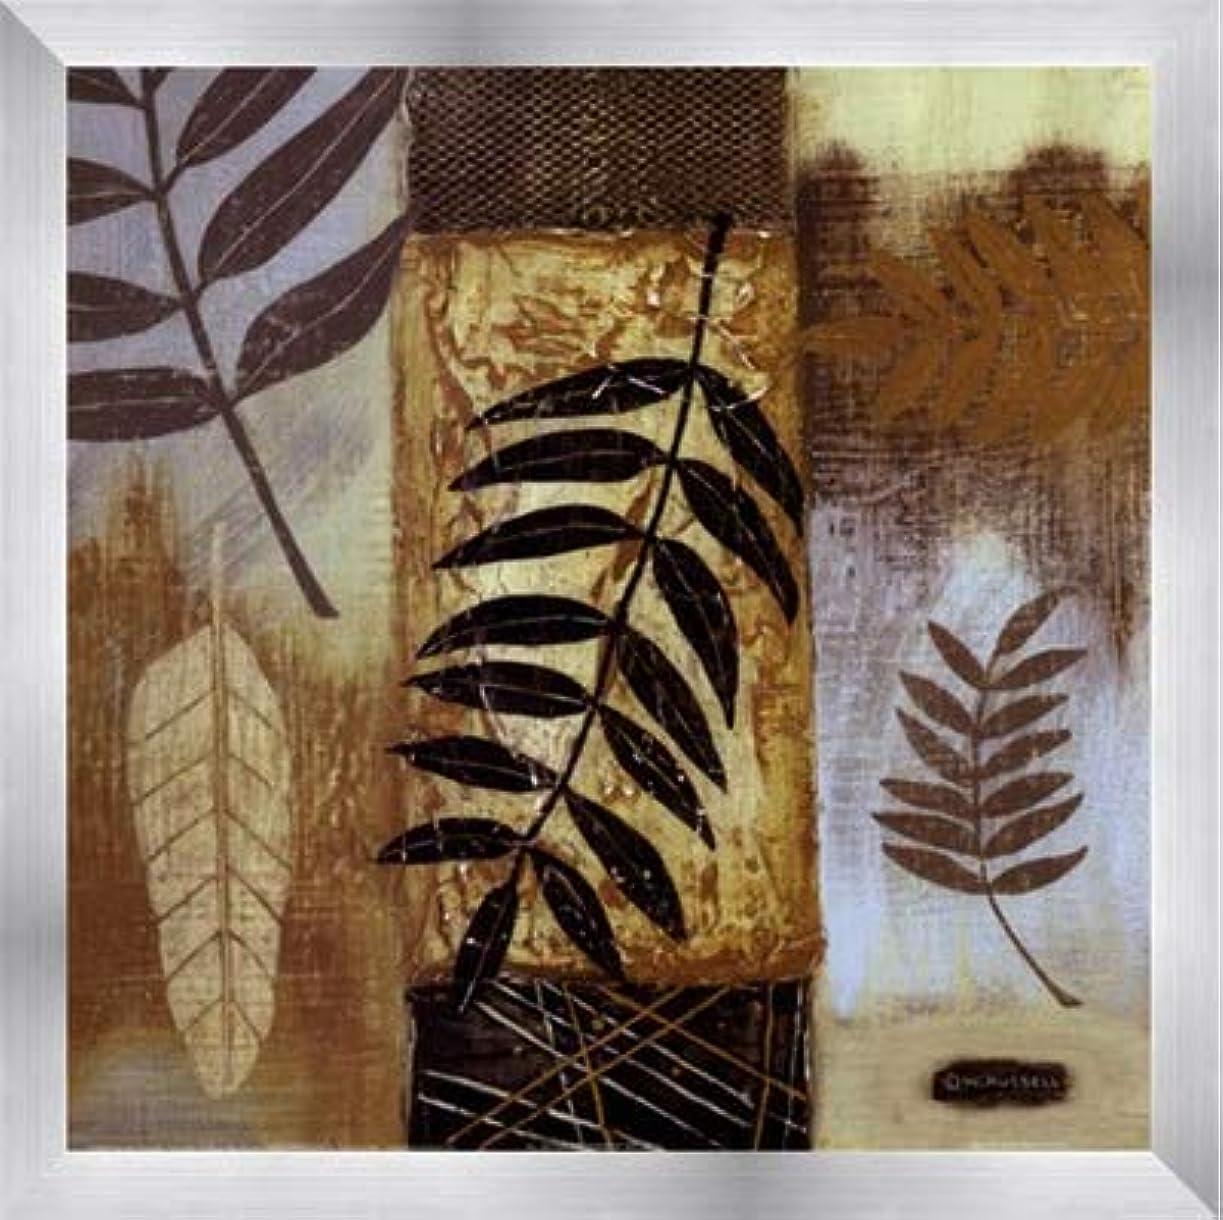 腐食する意味するうねる自然のパターンI by Wendy Russell – 12 x 12インチ – アートプリントポスター 12 x 12 Inch LE_255654-F9935-12x12